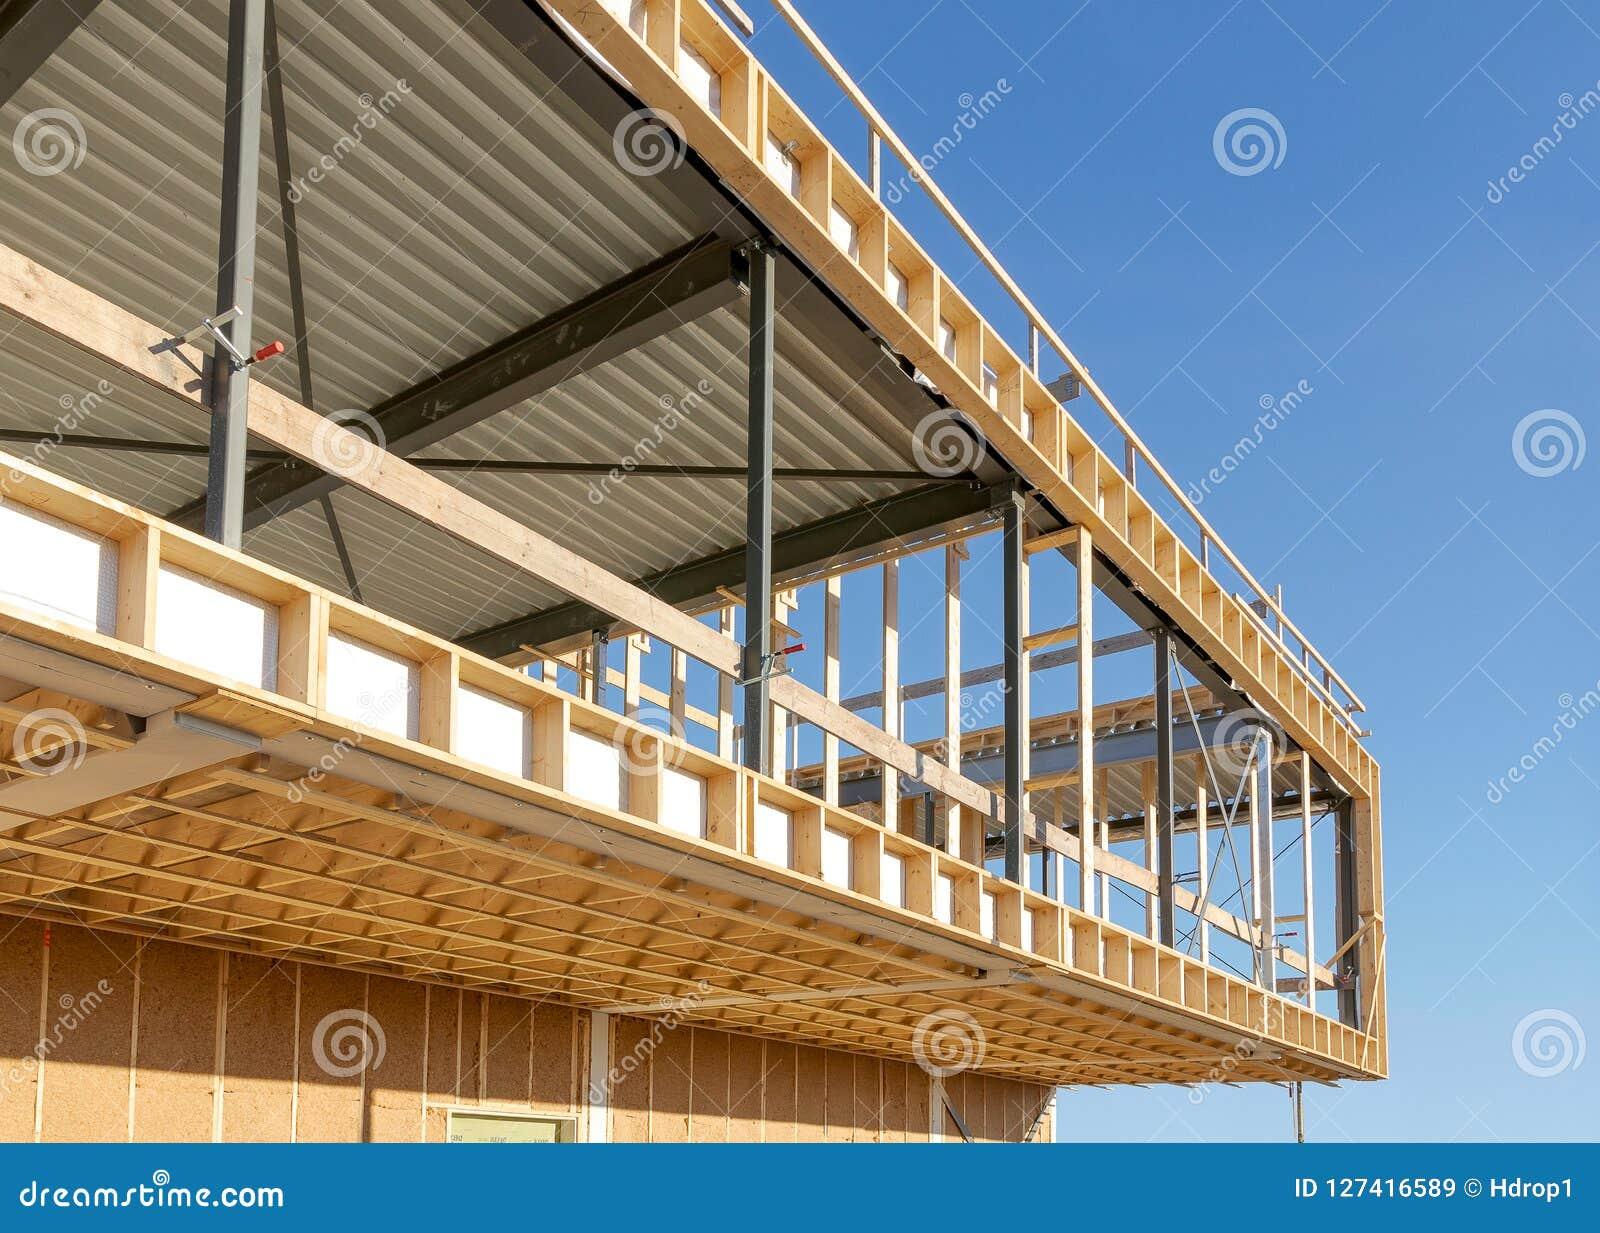 Construção de aço e de madeira de uma construção comercial, canteiro de obras